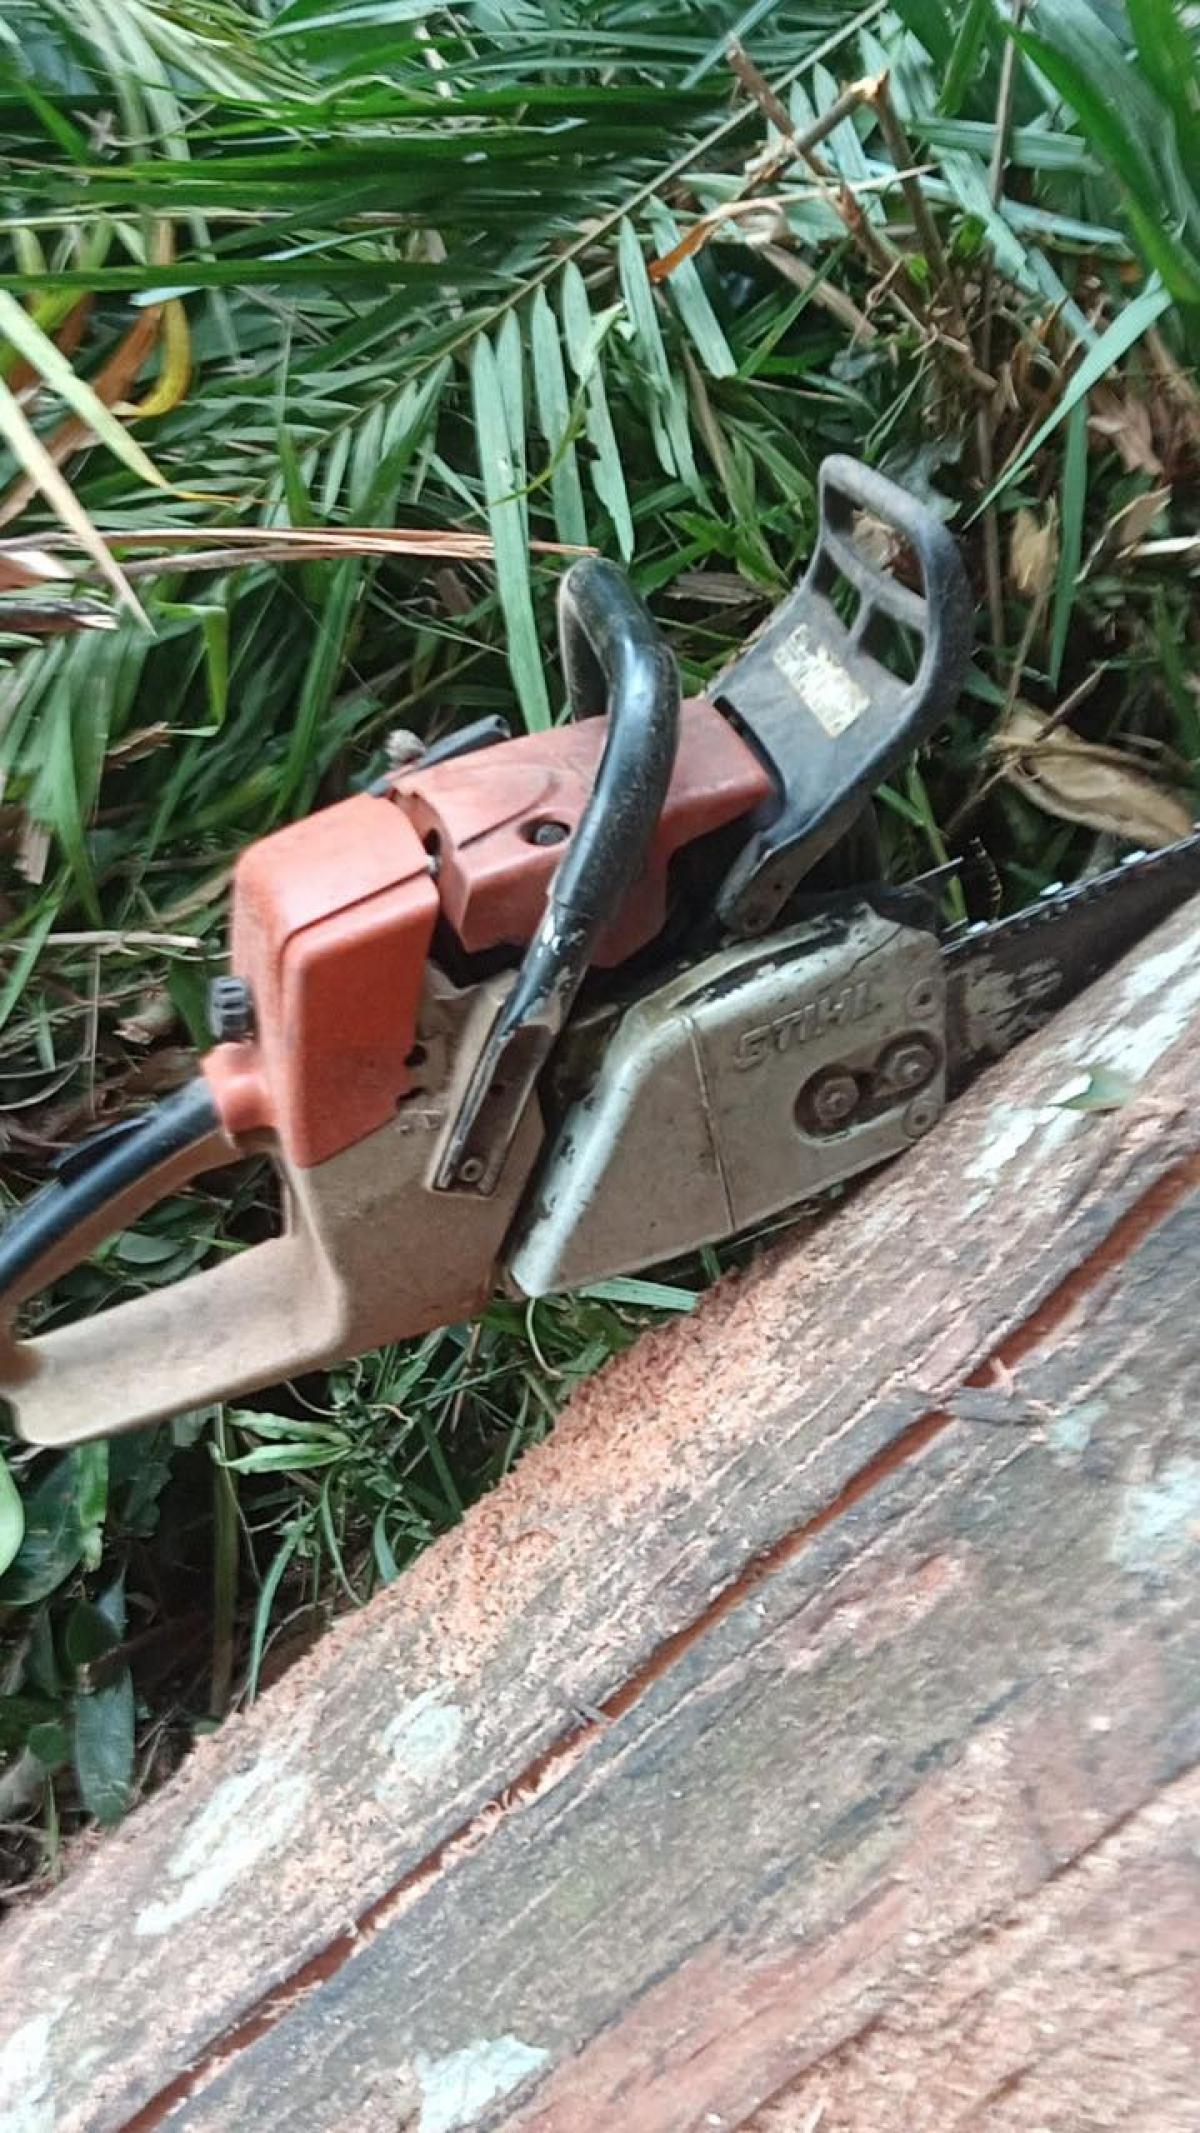 Cưa lốc đối tượng Nam và Chương dùng để đốn hạ cây rung bị thu giữ tại hiện trường.